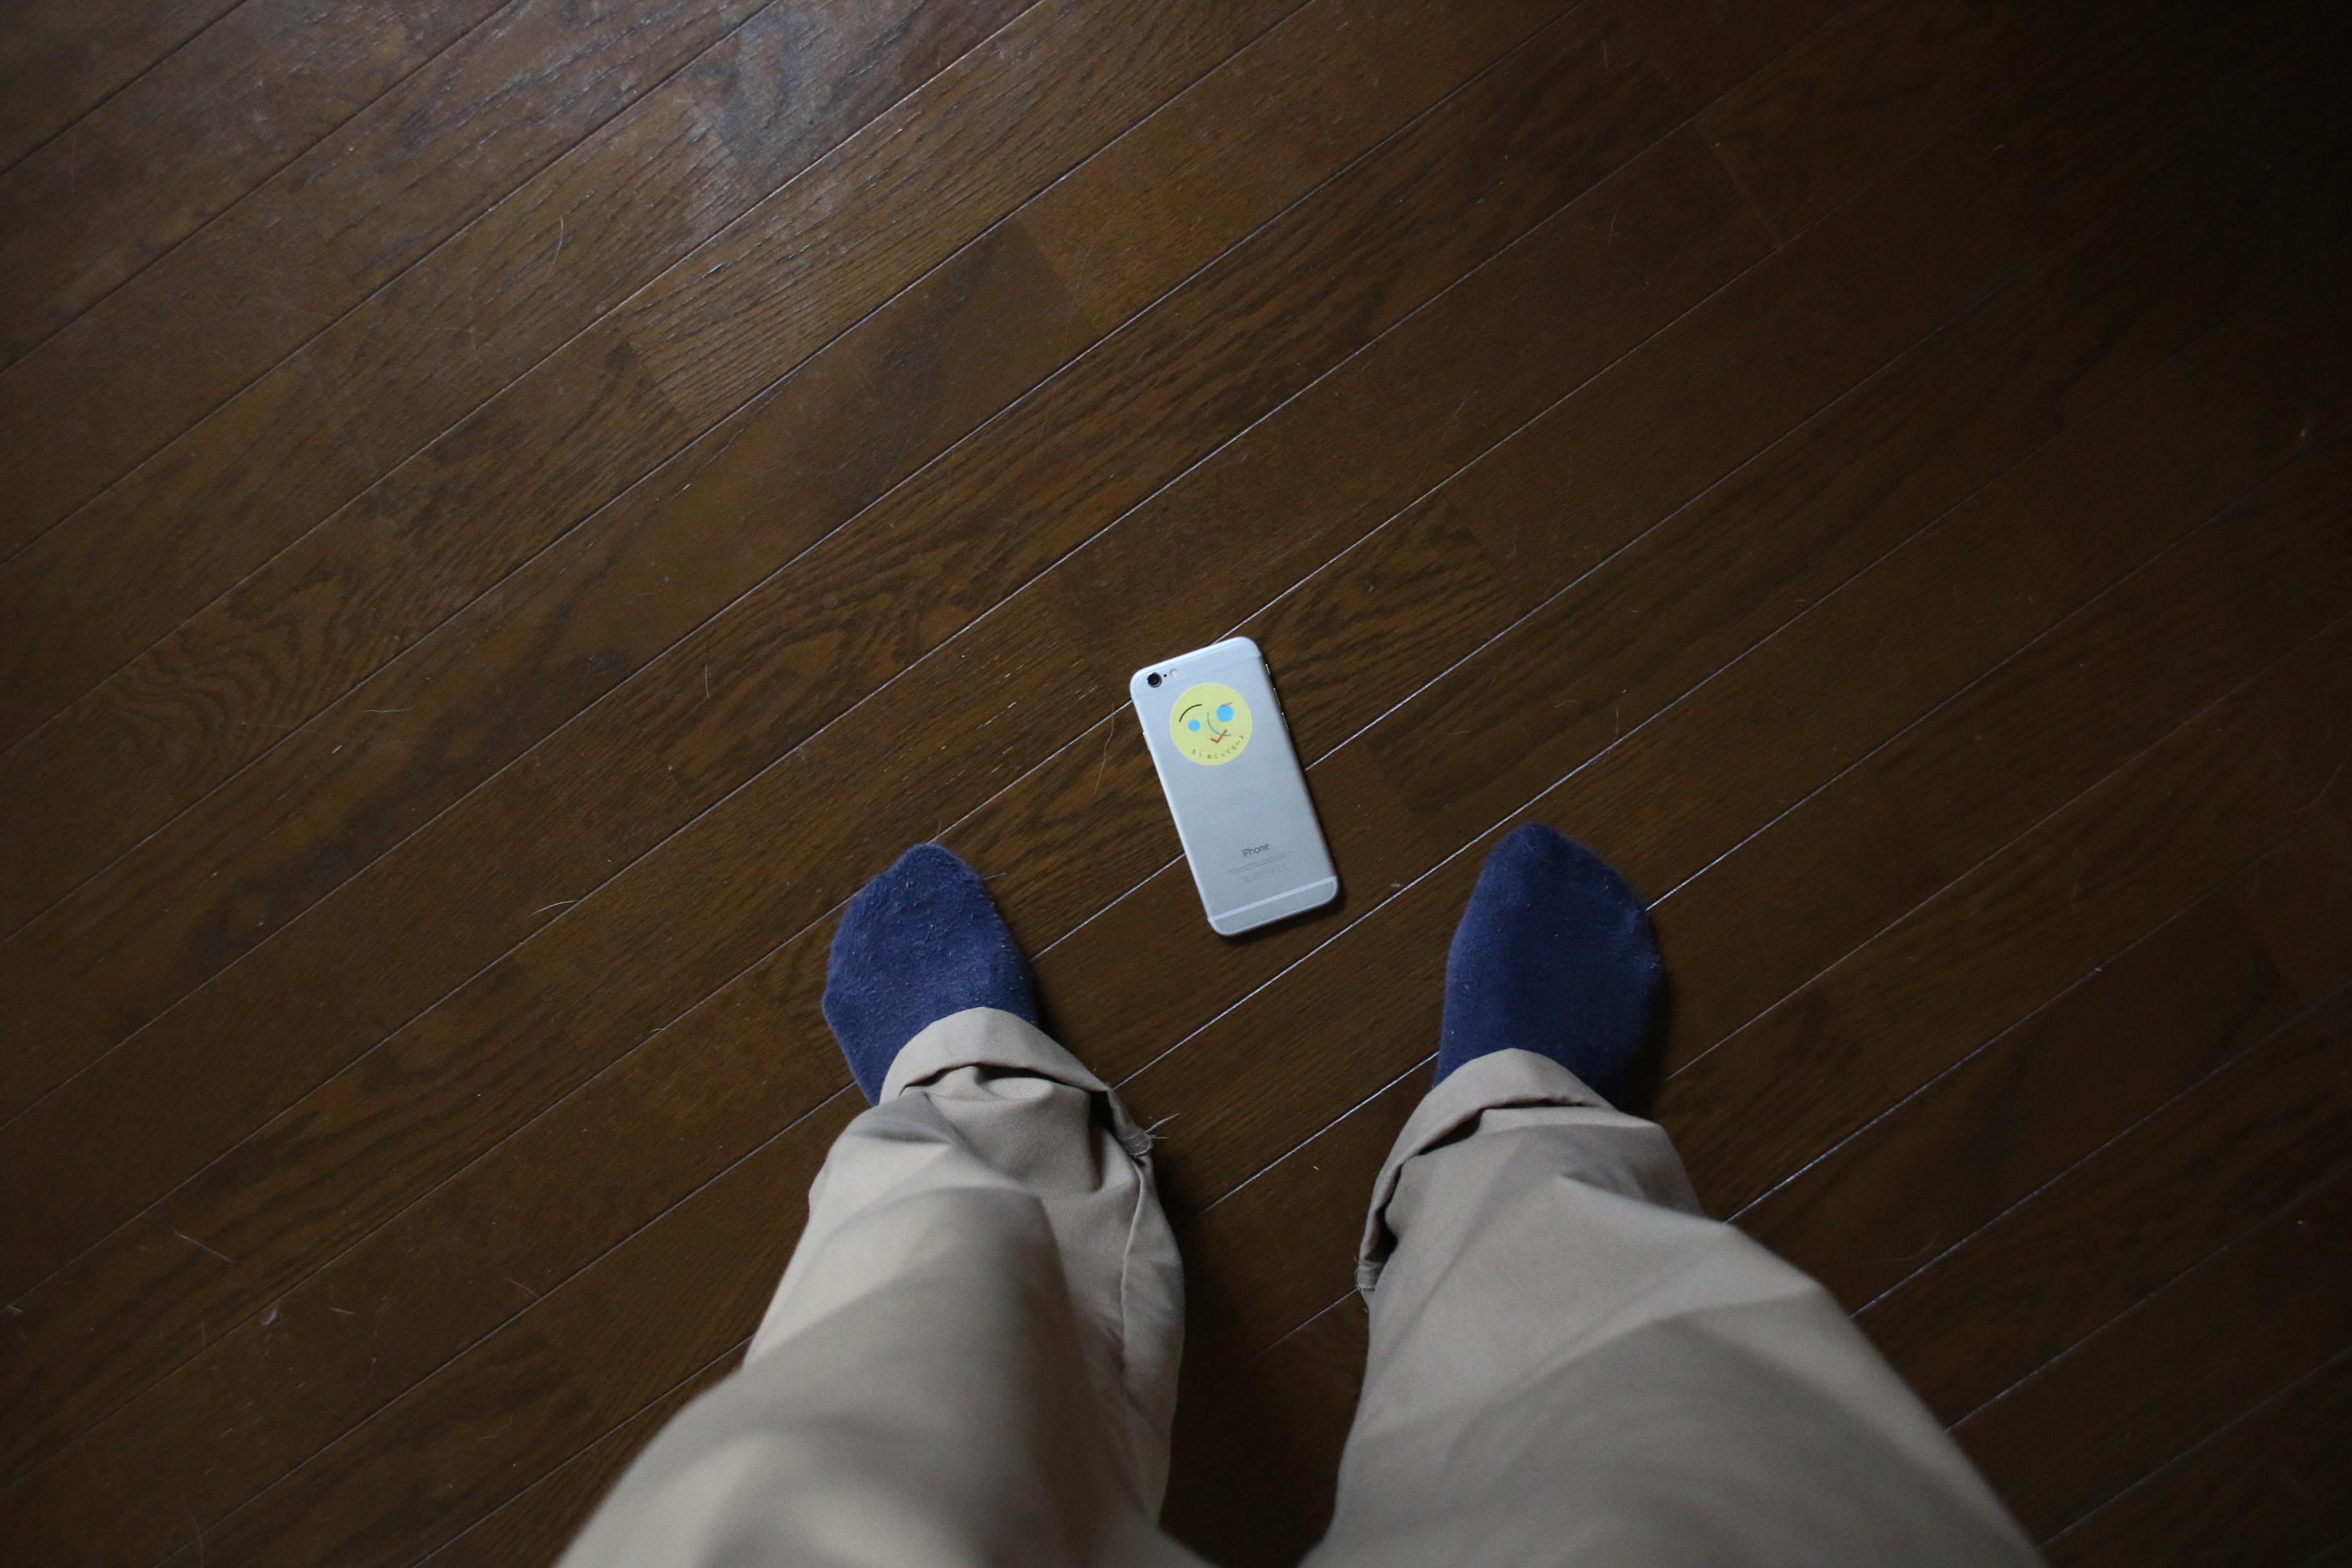 iPhoneの画面が割れてしまった。。。たすけて!スマホ堂【犬ドック編】